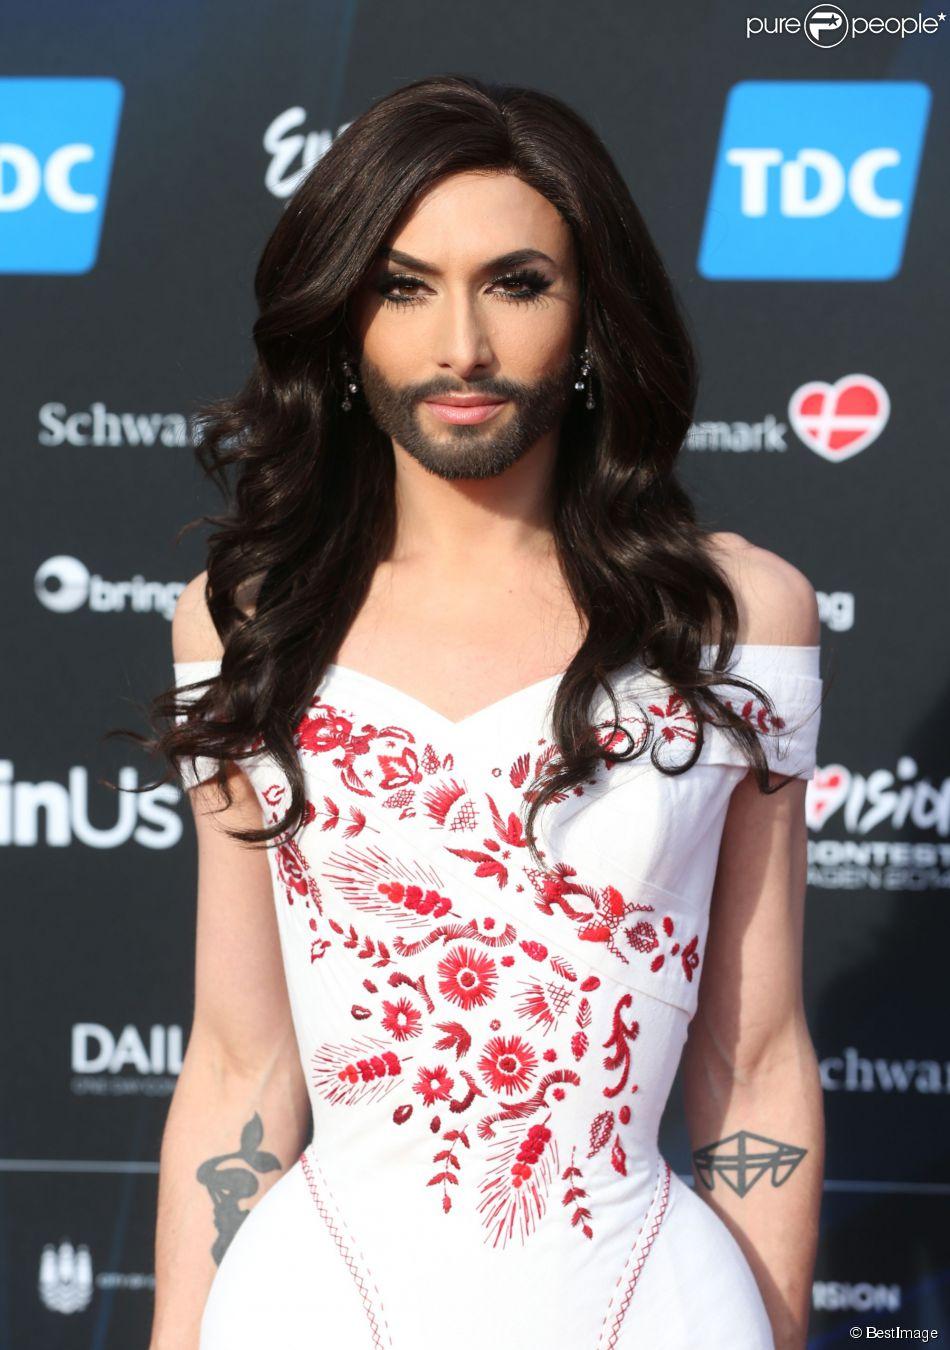 Conchita Würst (candidate pour l'Autriche) lors de la cérémonie d'ouverture du 59ème concours de l'Eurovision à l'Hôtel de Ville de Copenhague. Le 4 mai 2014.